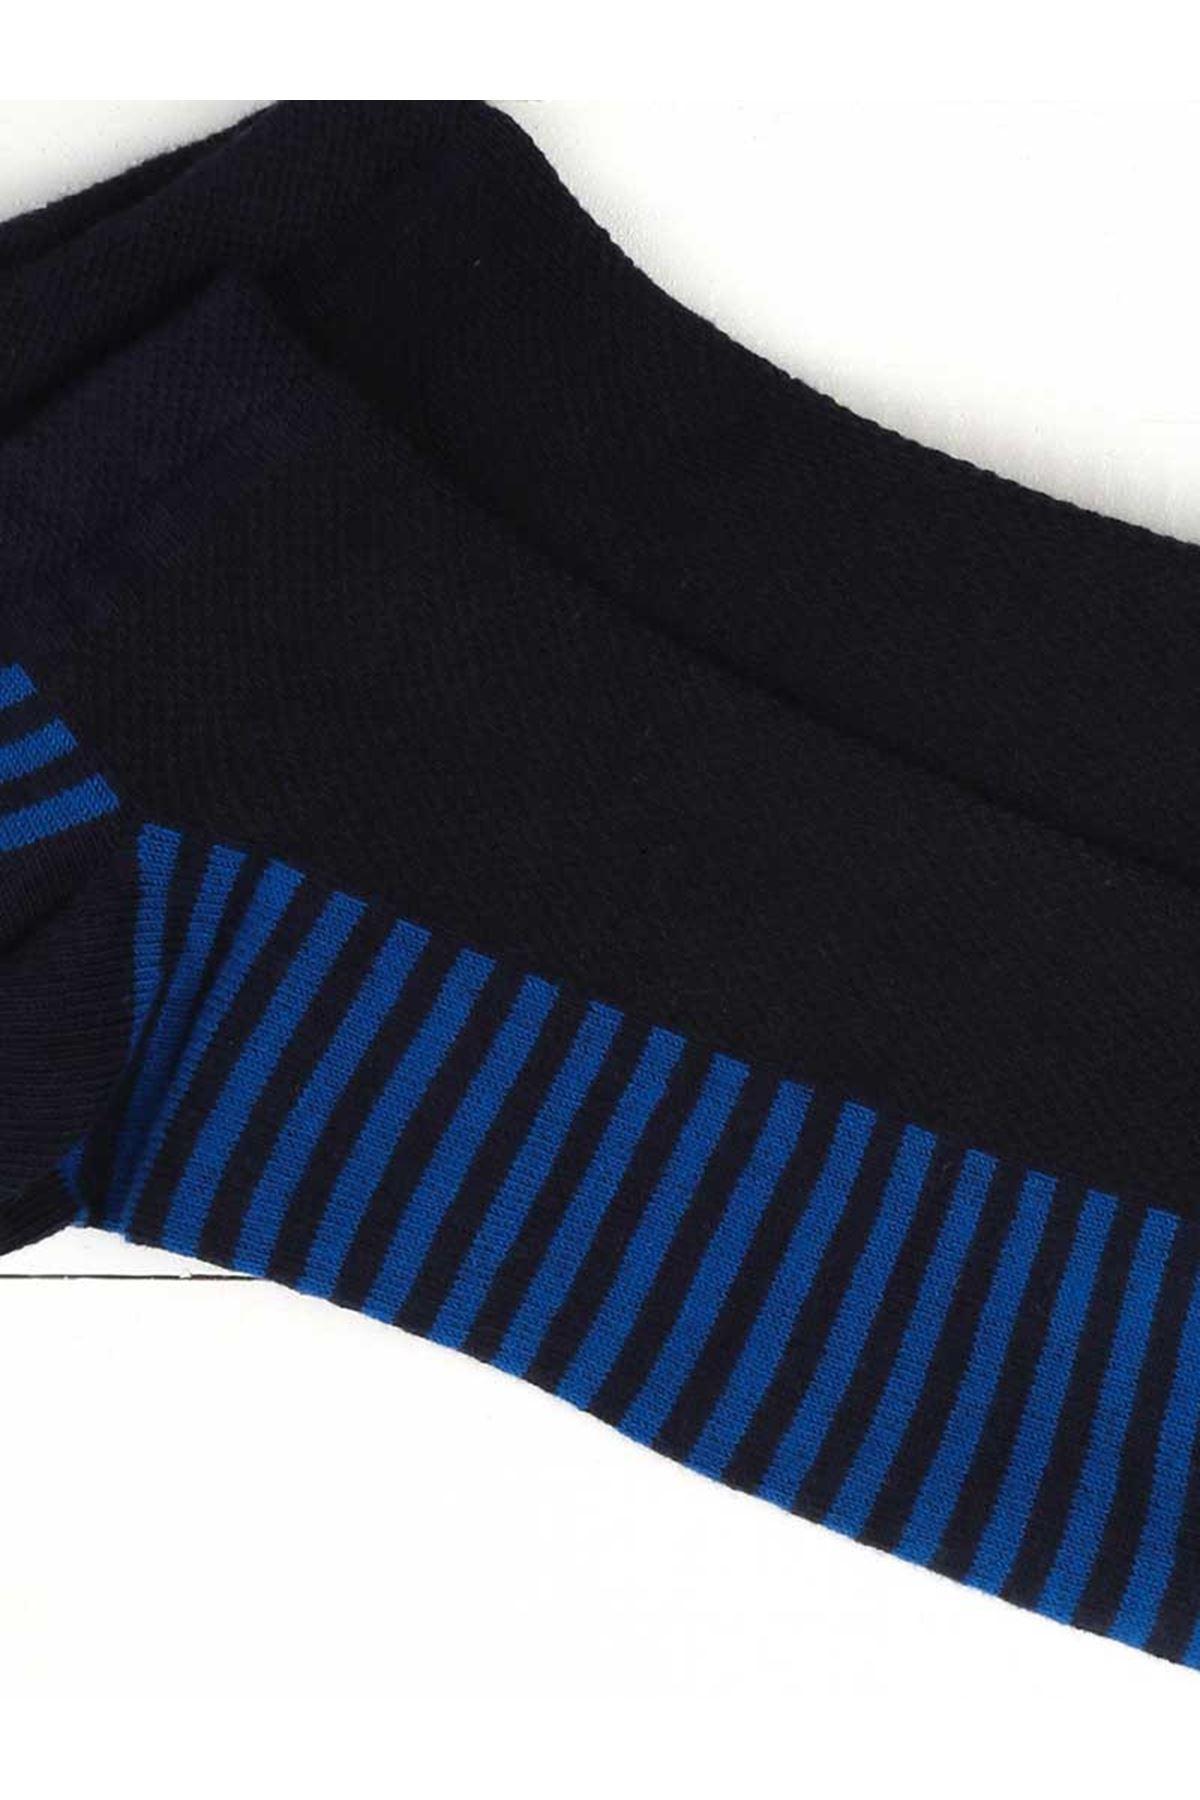 Lacivert Sax Çizgili Parfümlü Erkek Patik Çorap